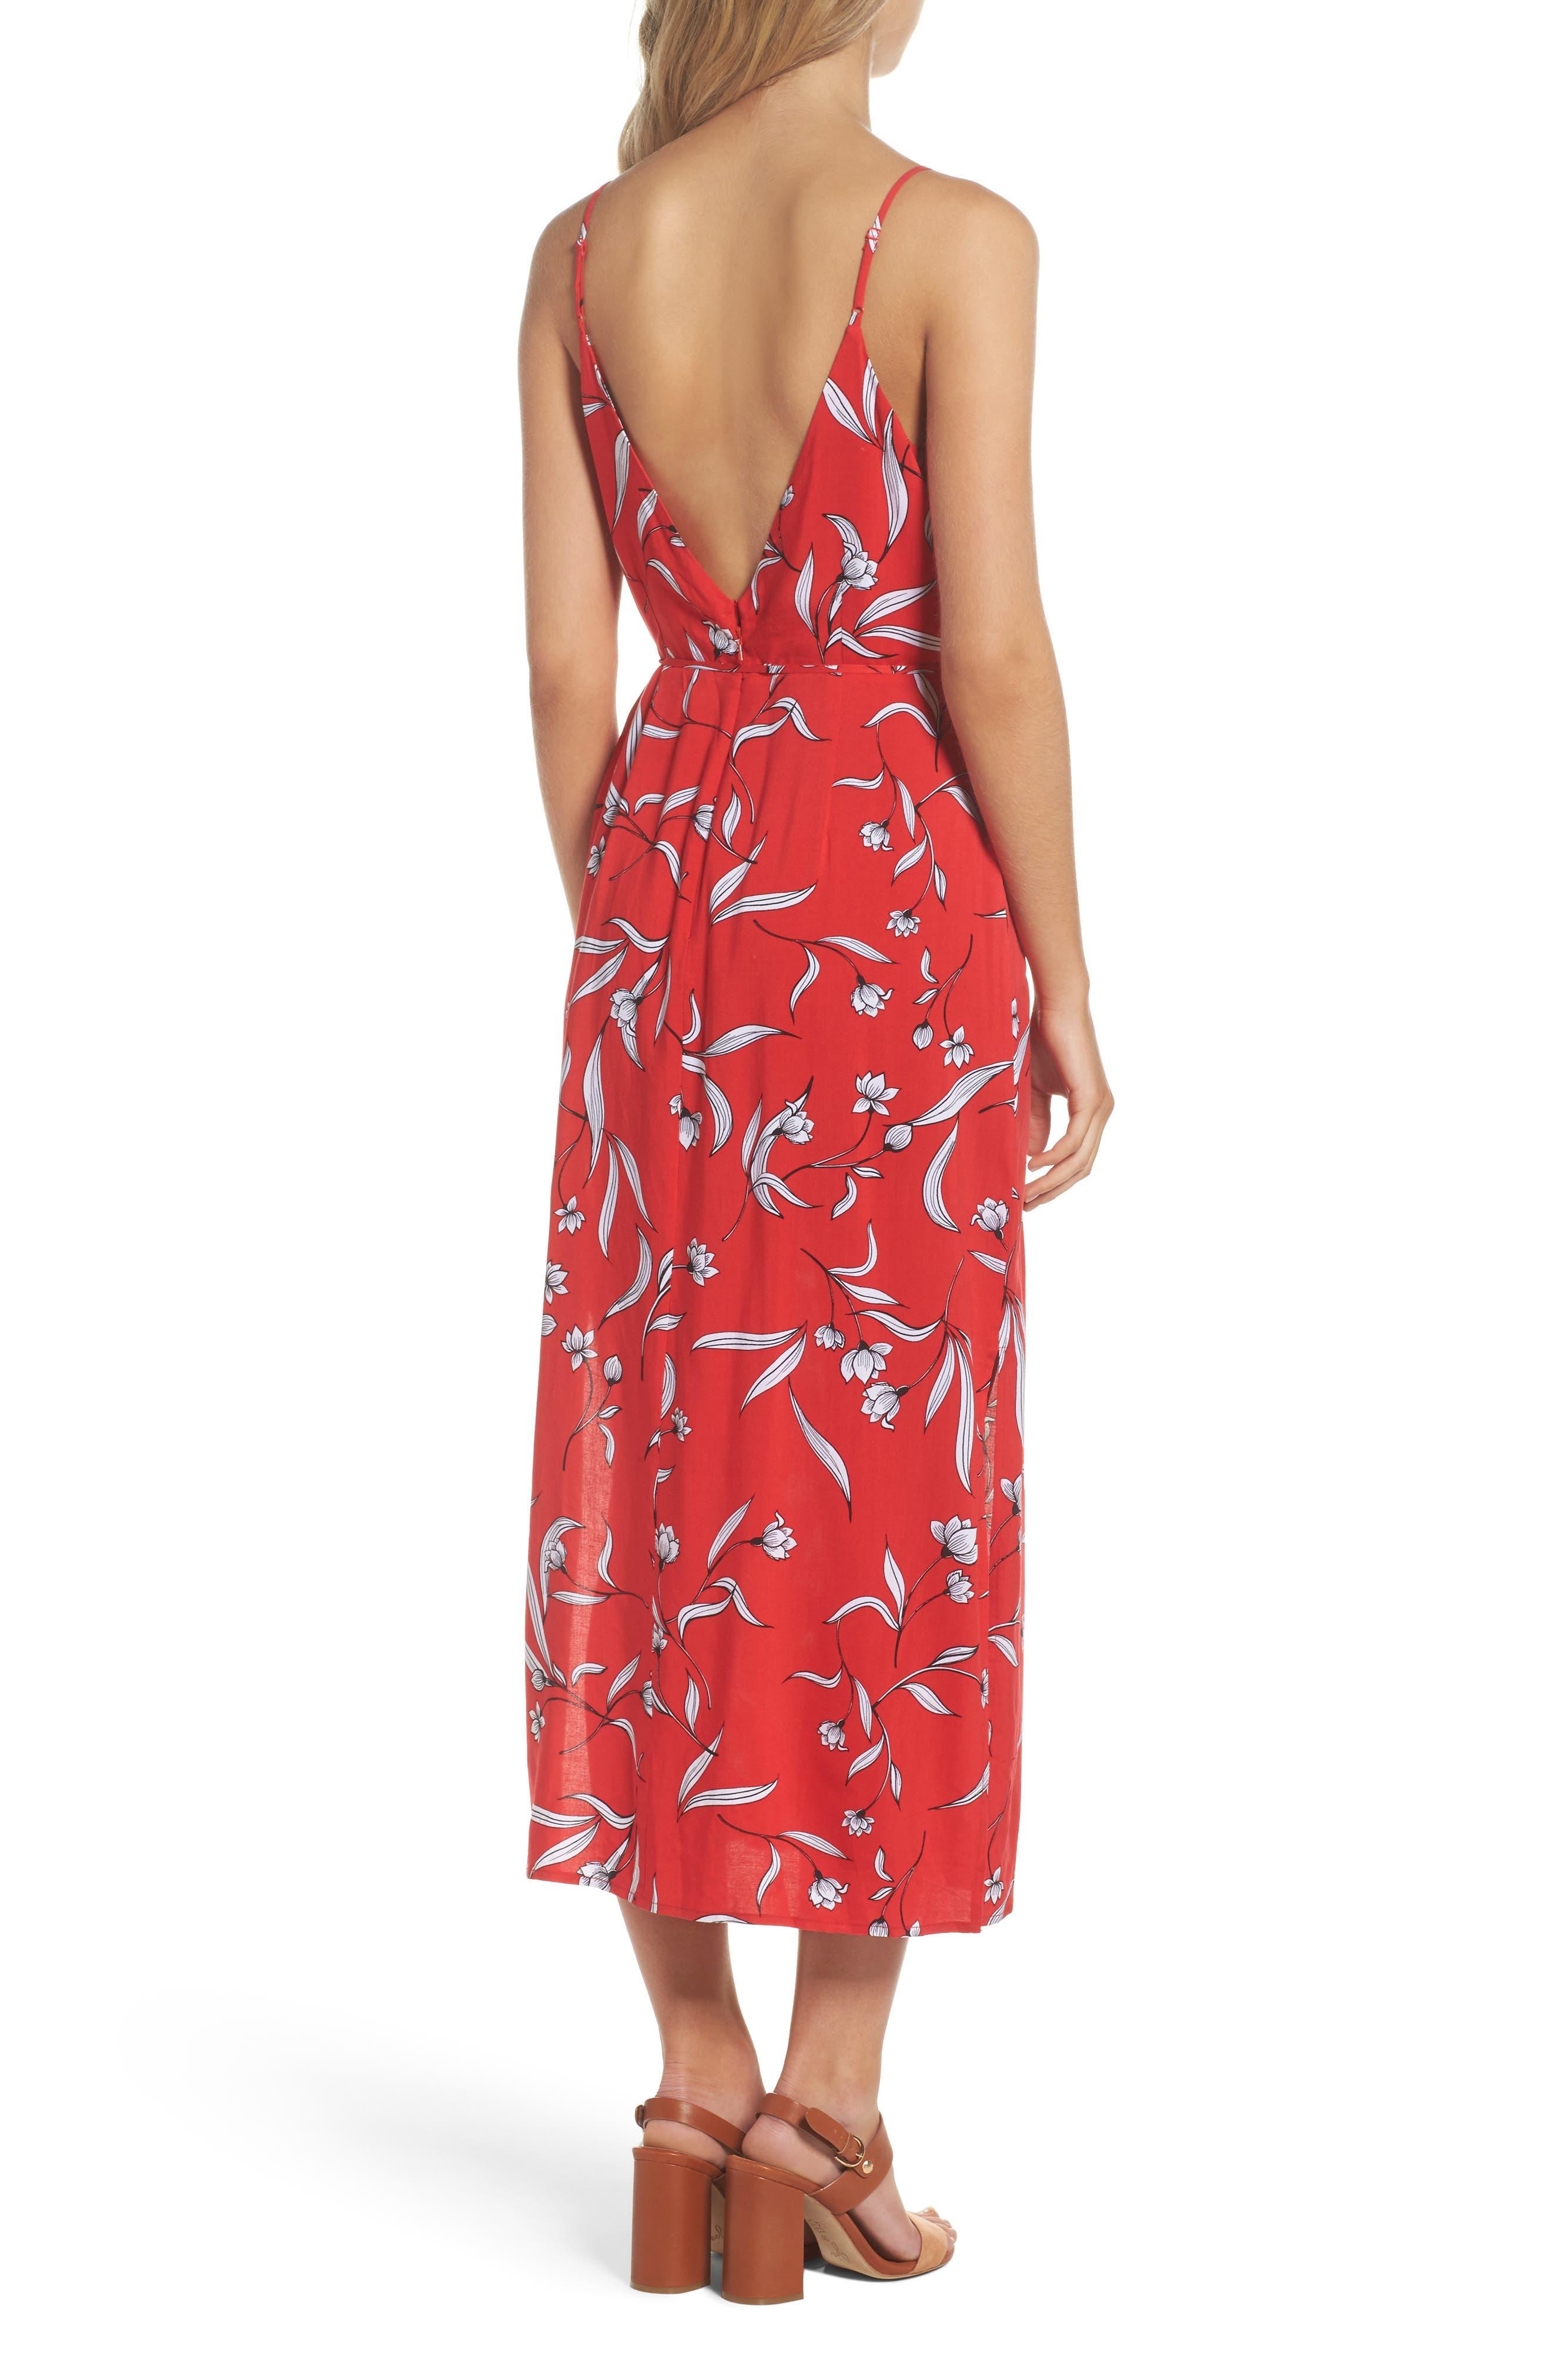 Amelia Floral Dress,                             Alternate thumbnail 2, color,                             Floral Print